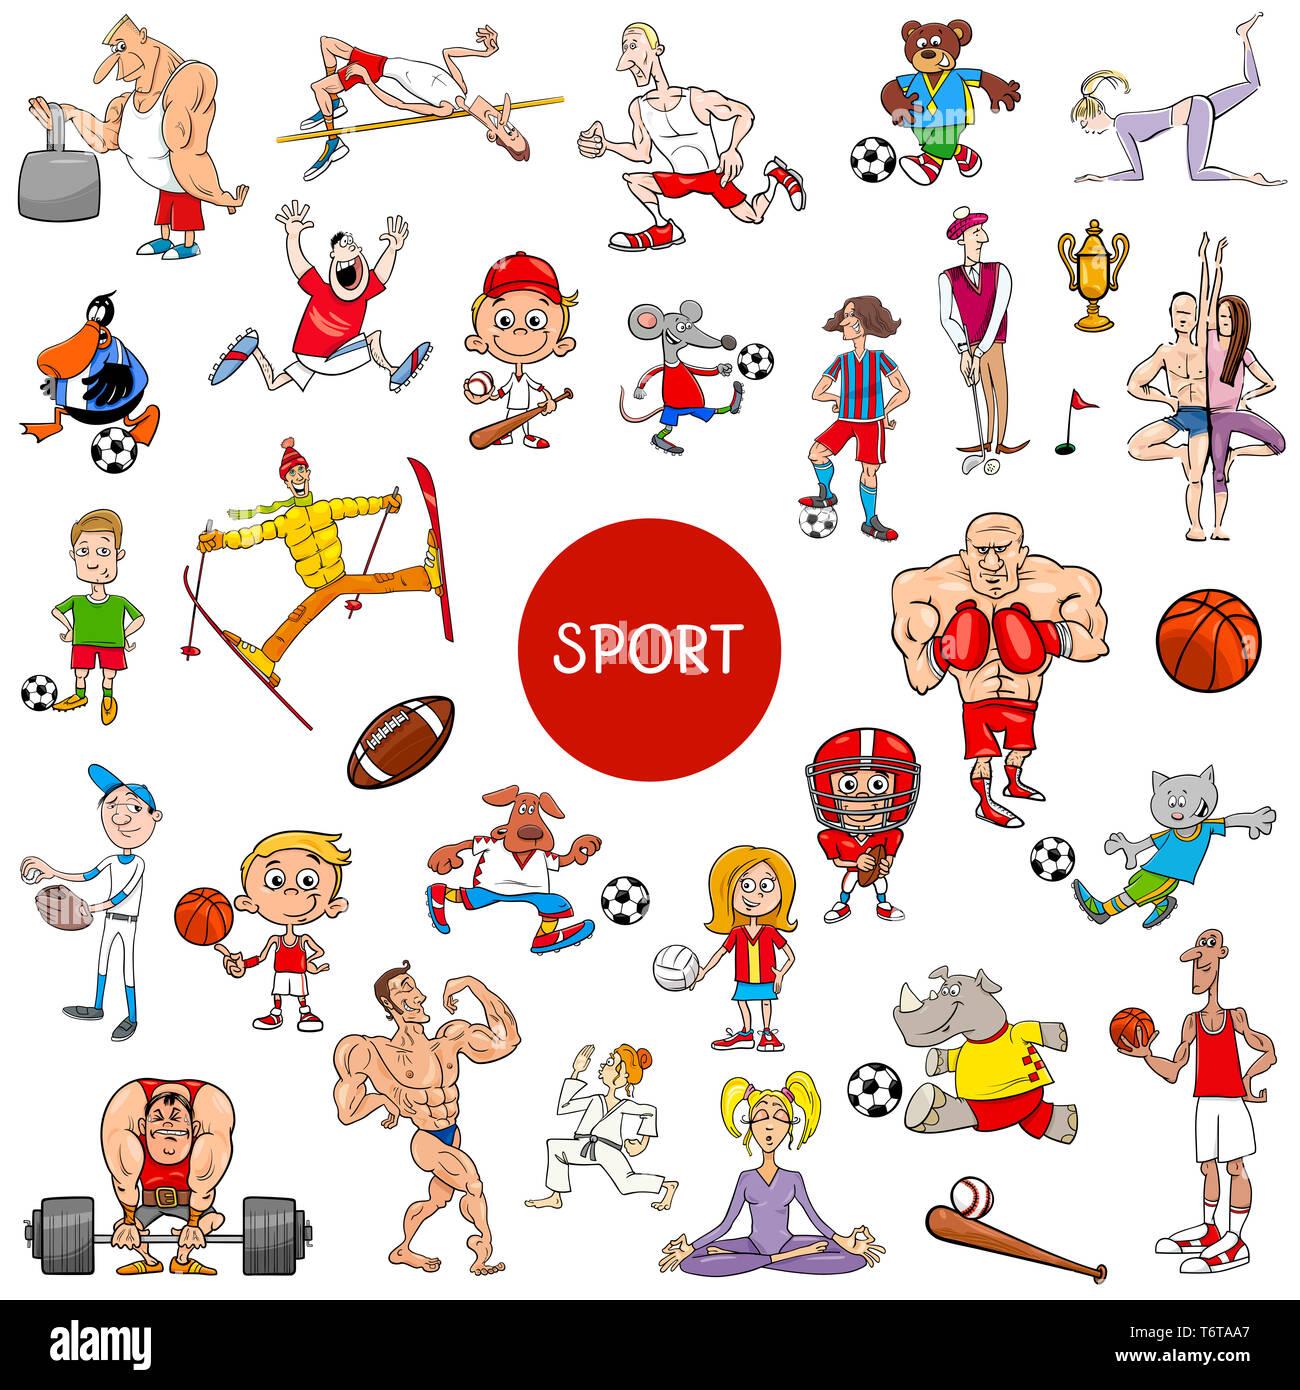 Sport Cartoon Stockfotos Und Bilder Kaufen Alamy